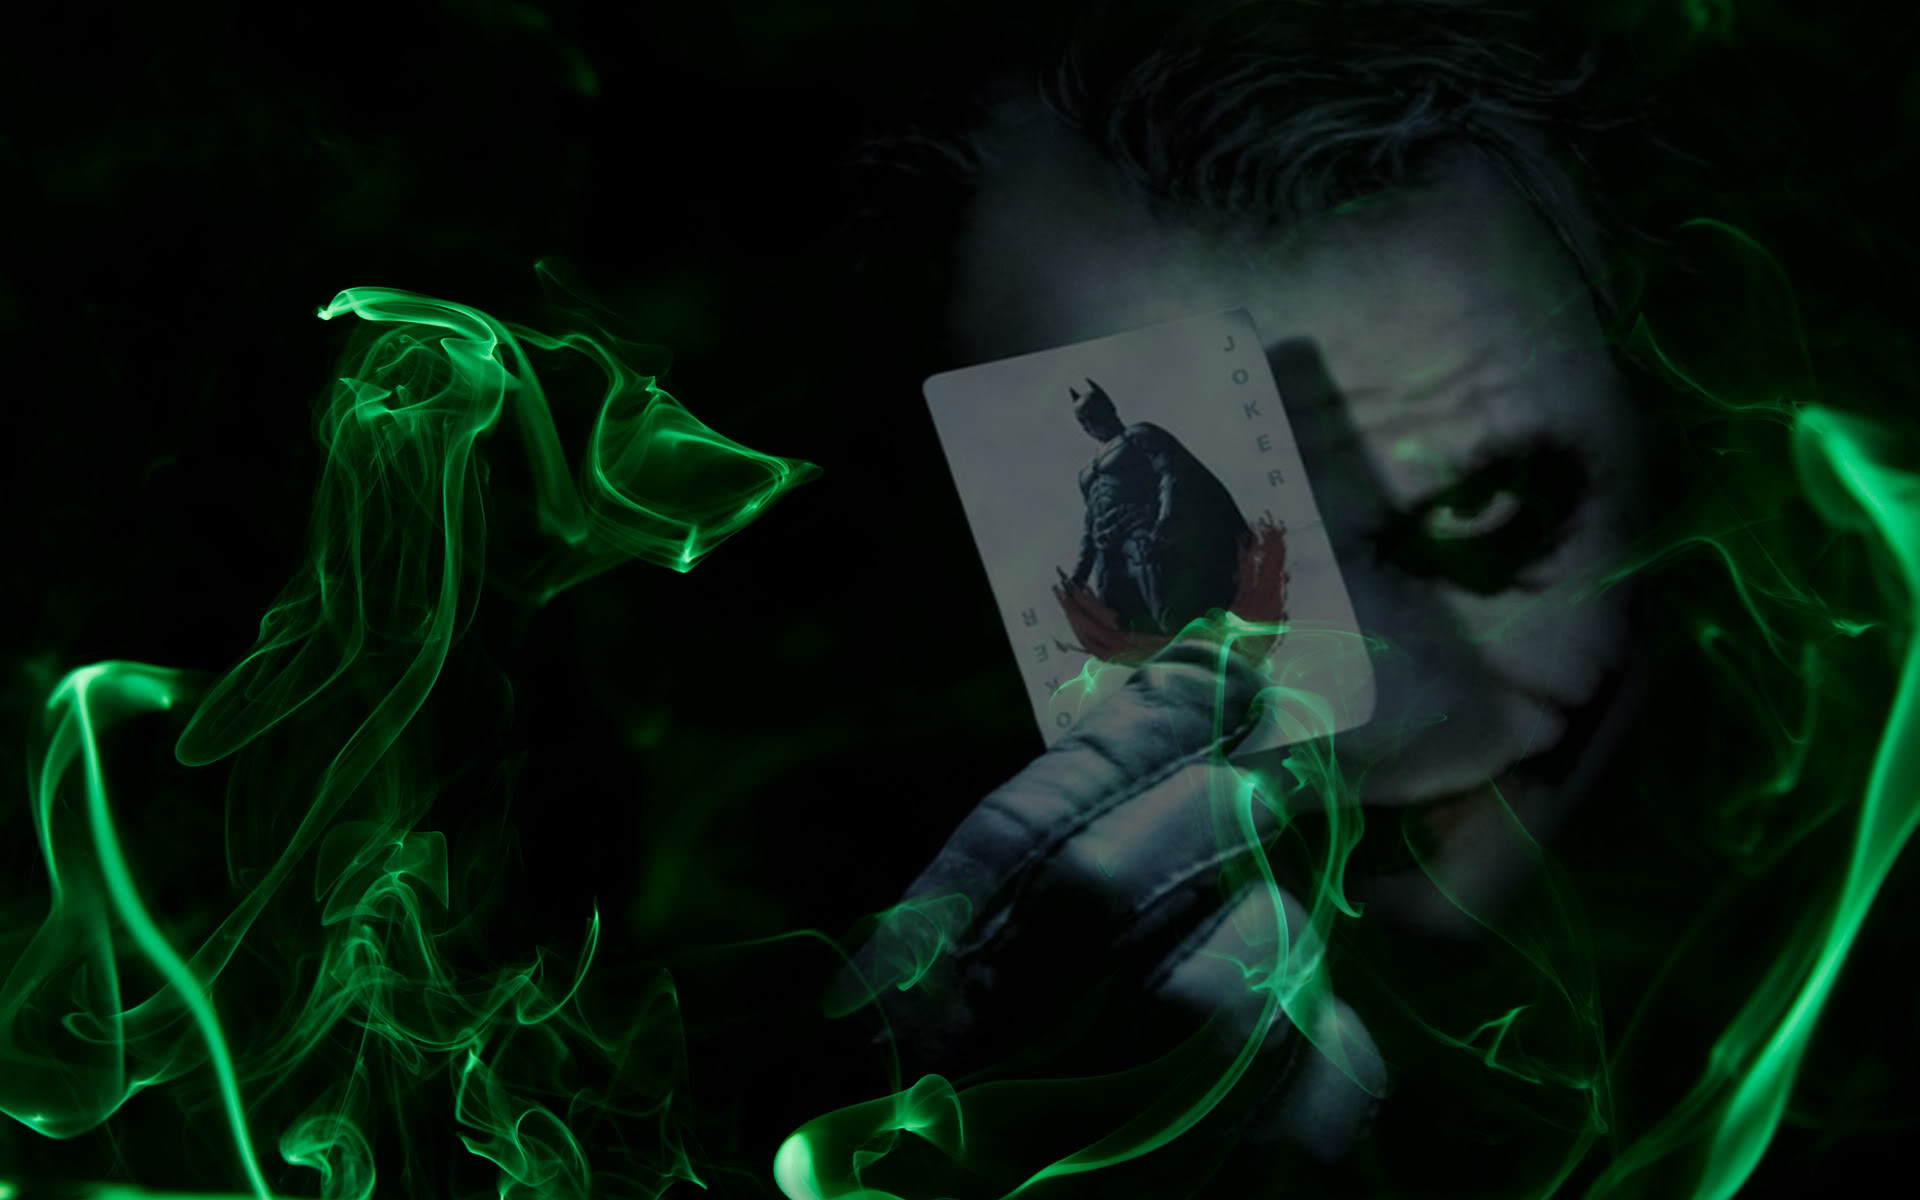 Joker wallpaper   875909 1920x1200